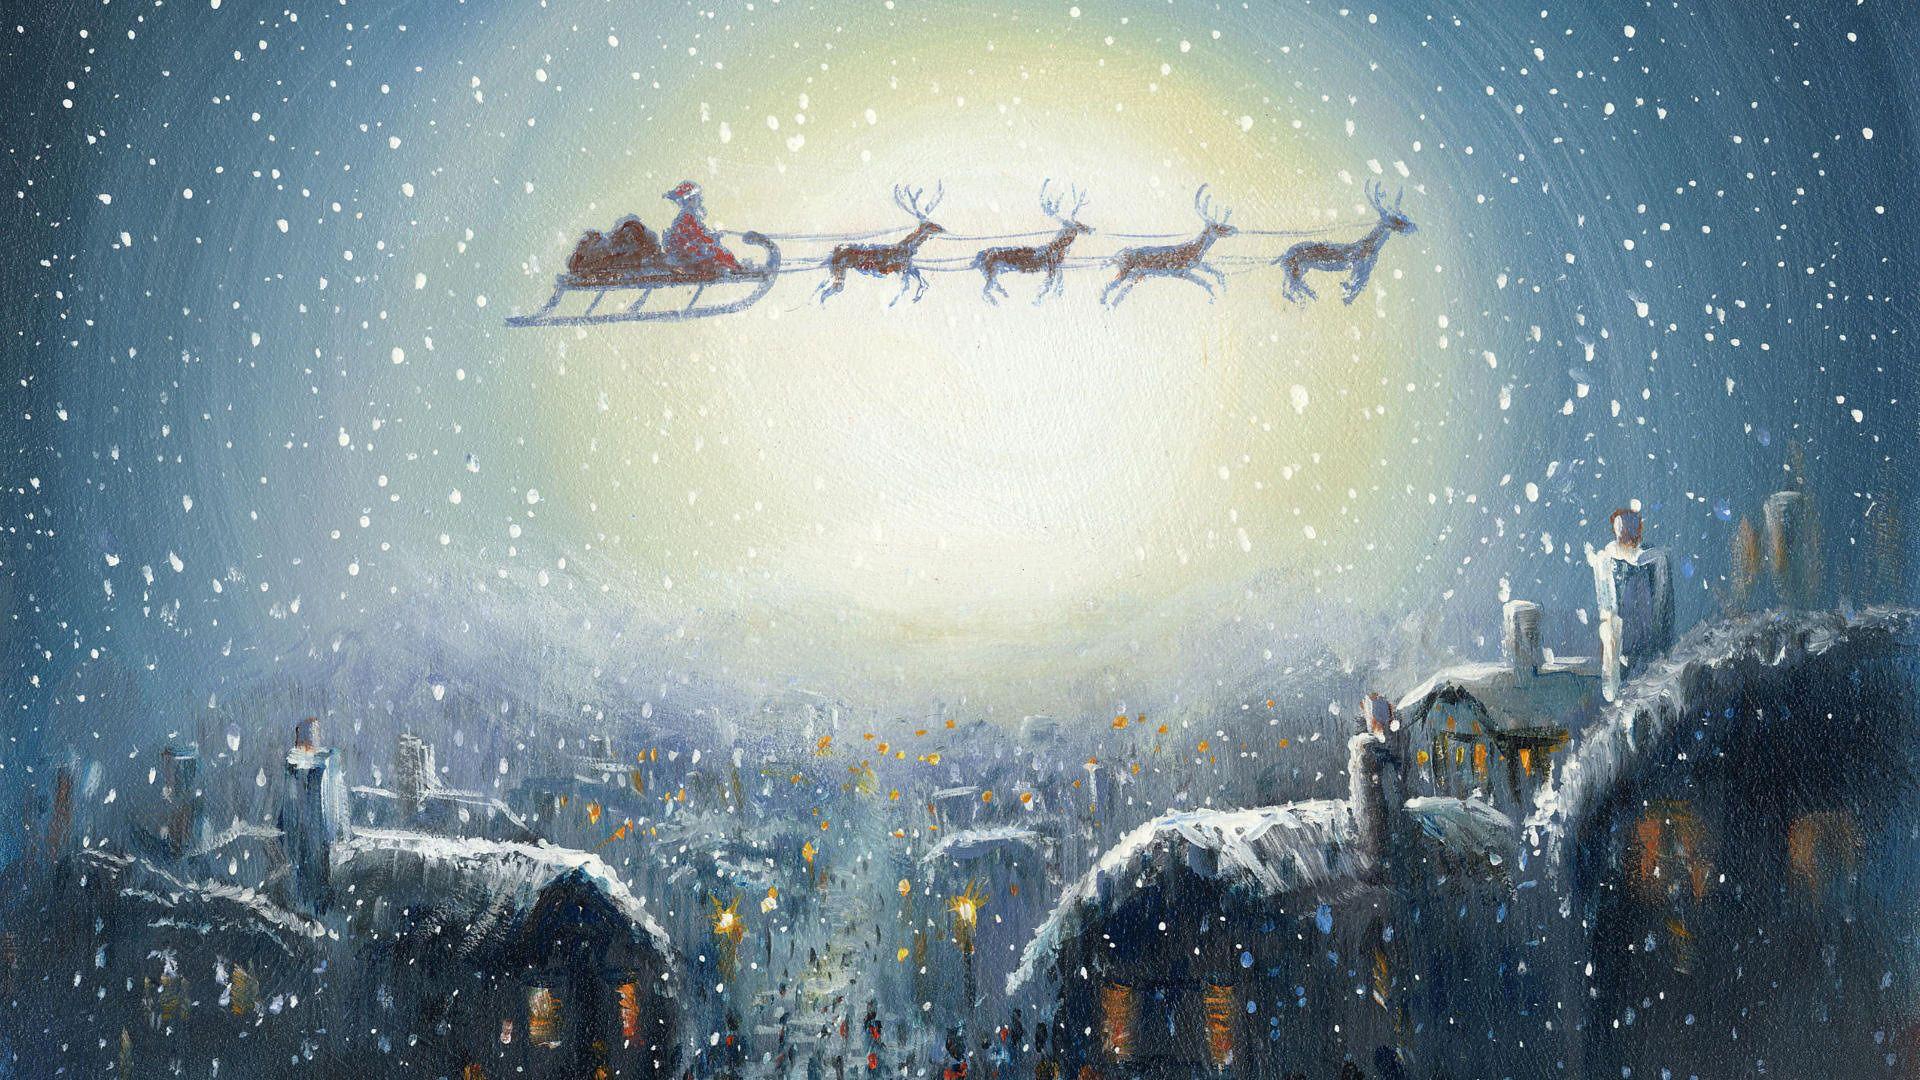 Christmas Sleigh vertical wallpaper hd